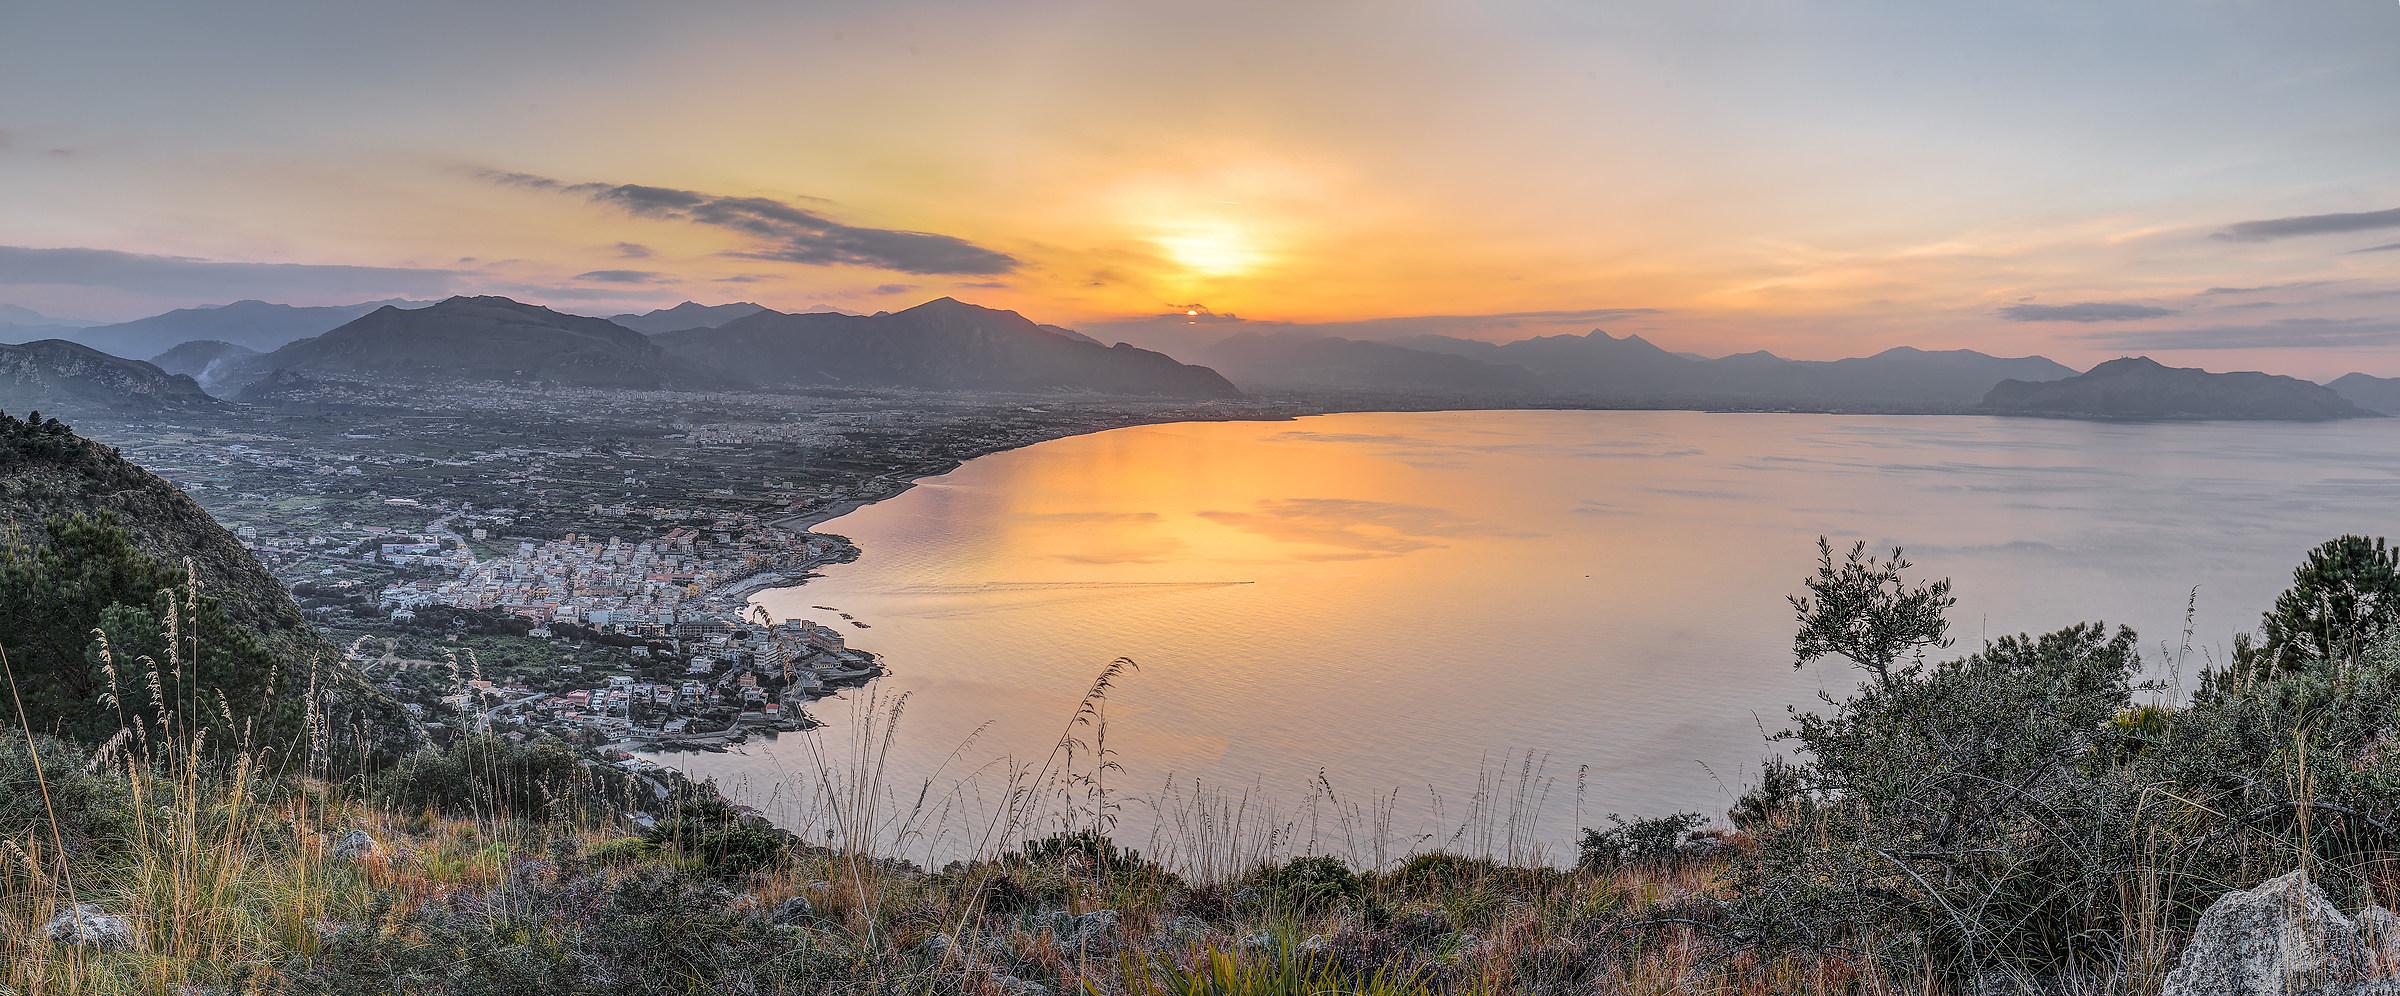 Palermo e Aspra al tramonto....